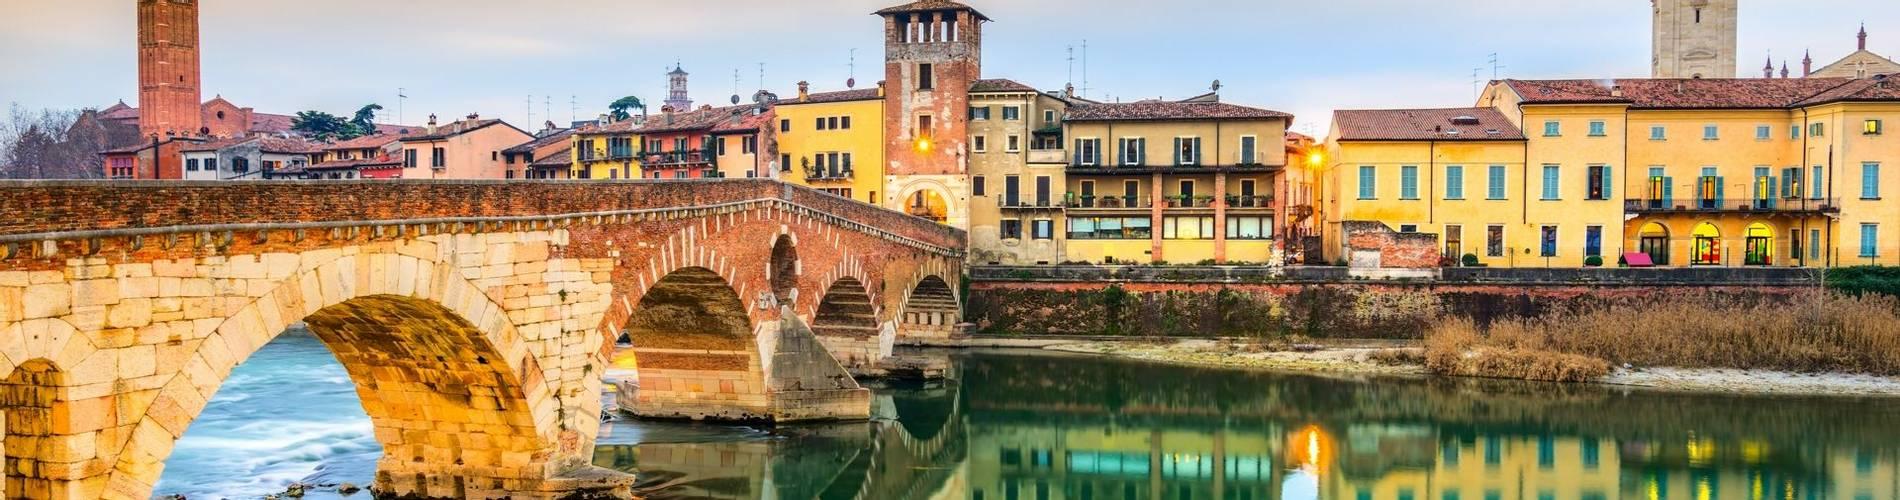 Verona 3.jpg